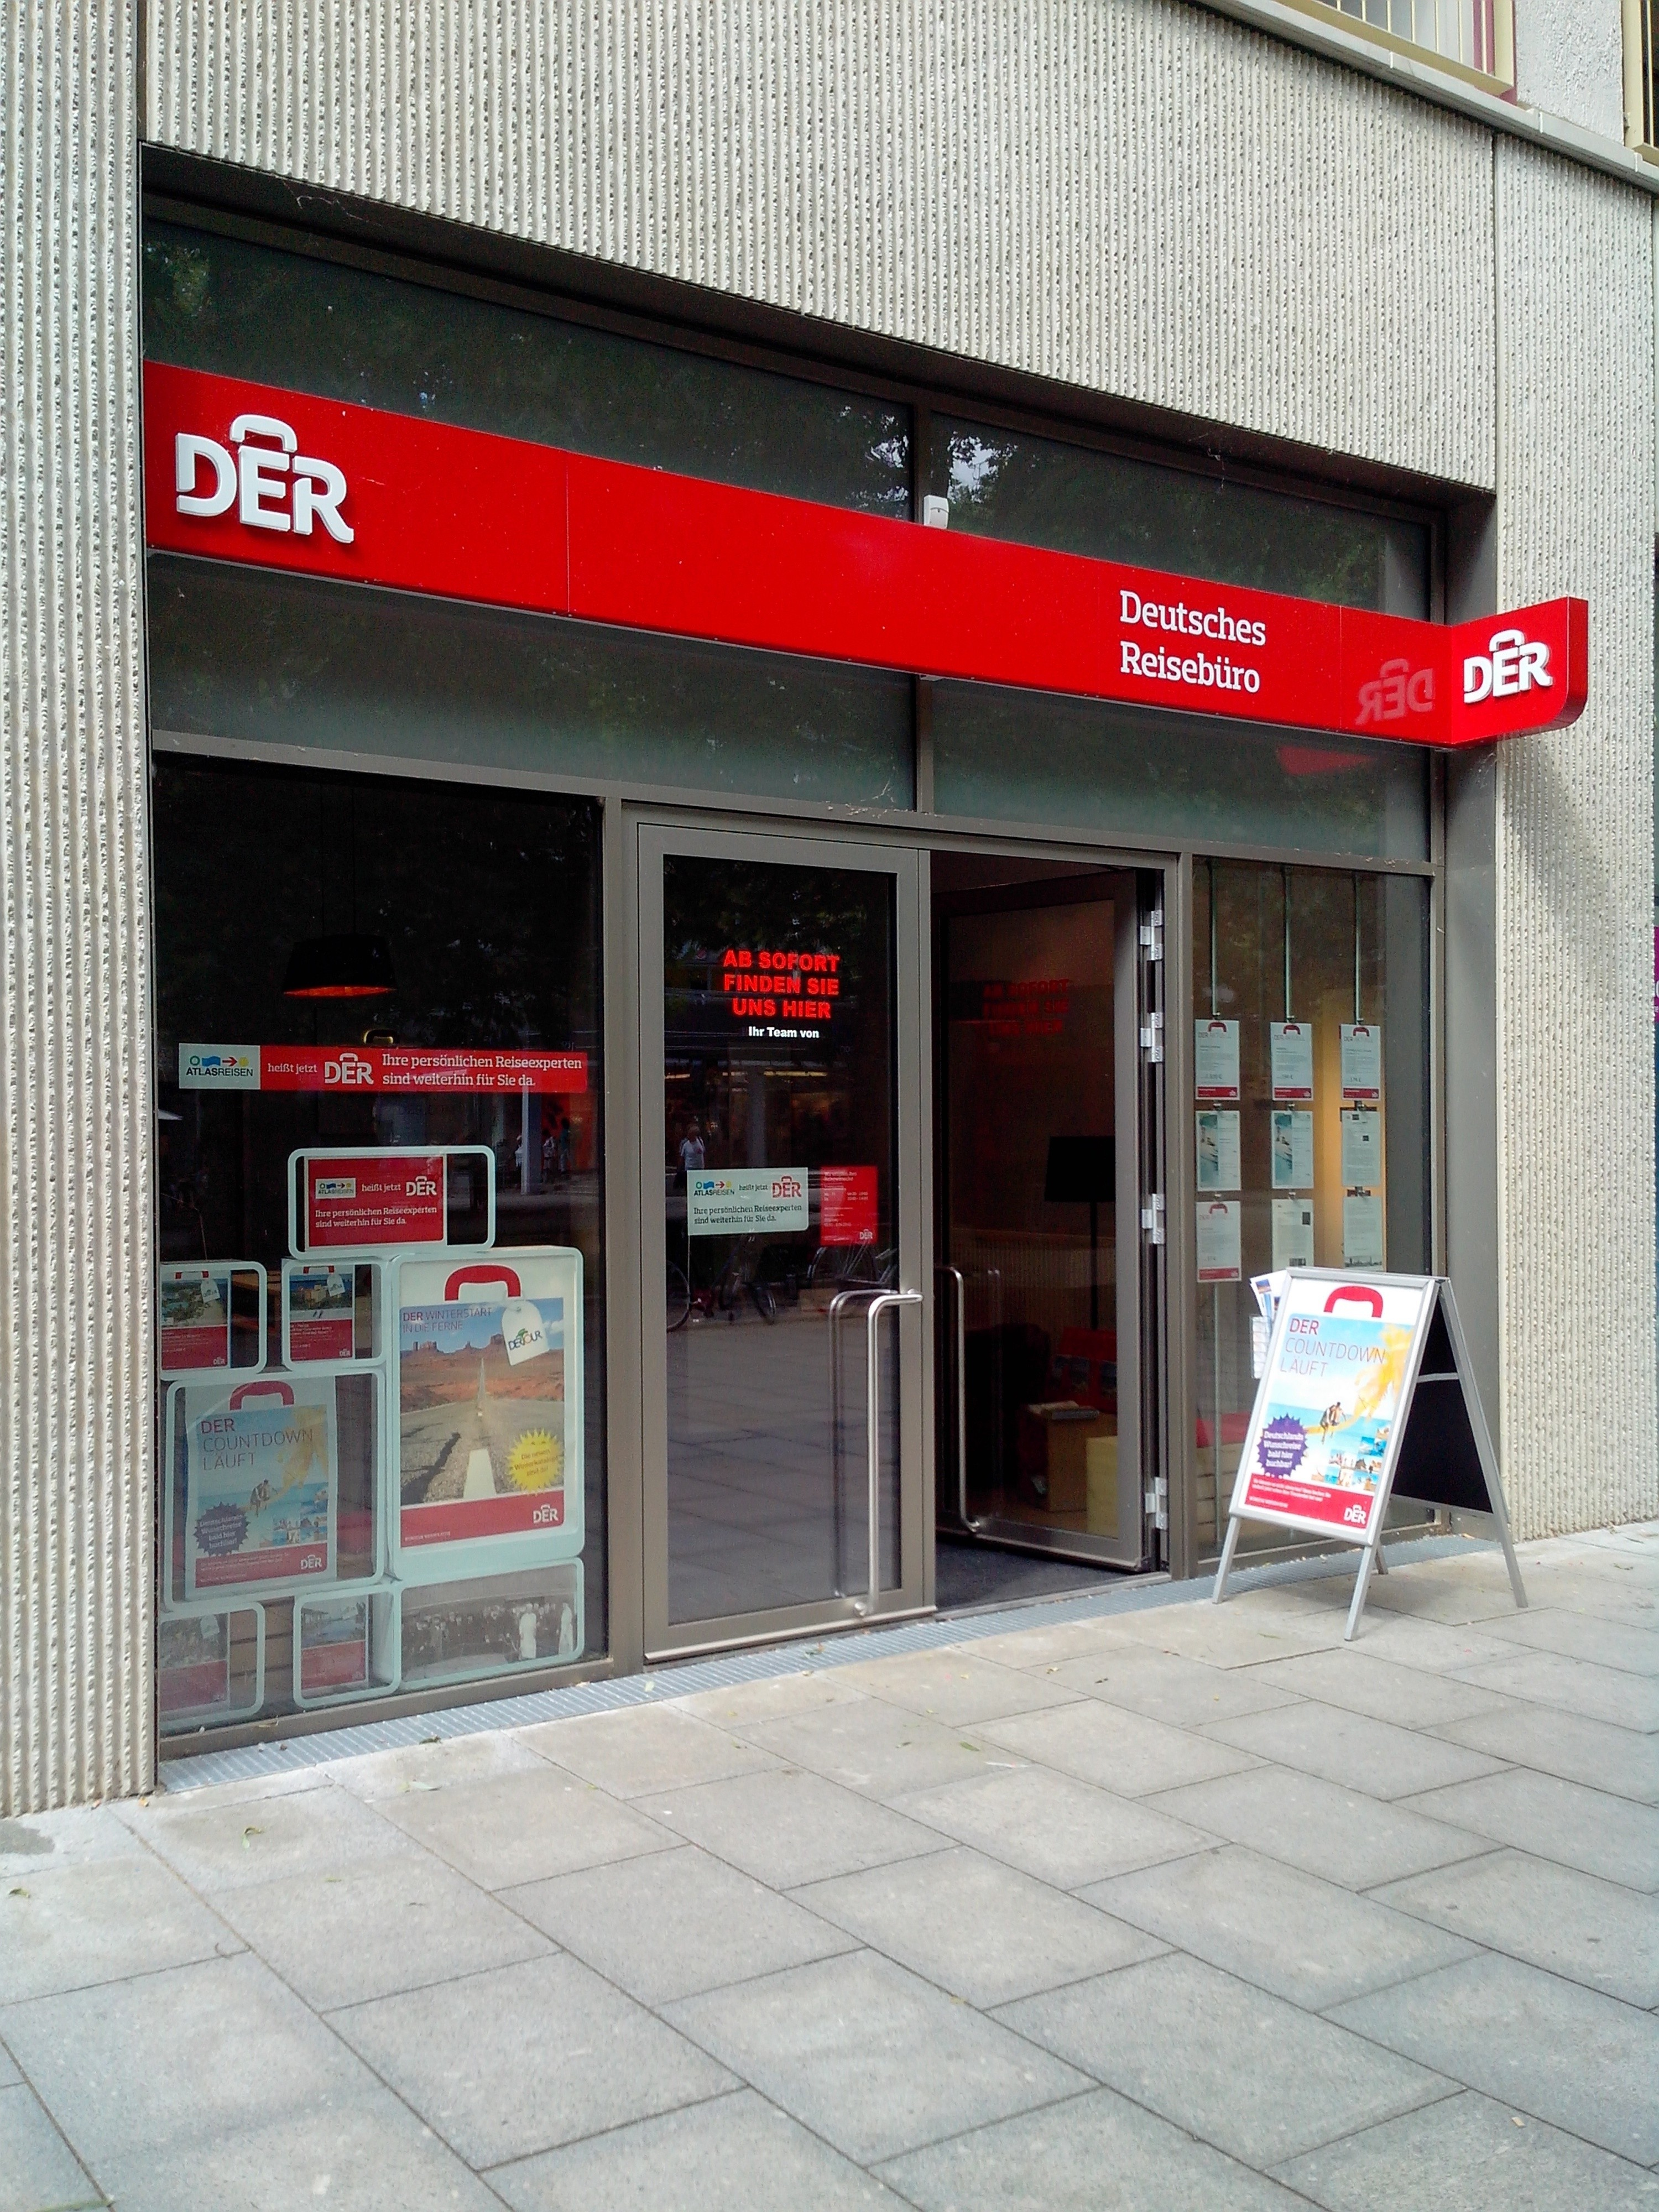 DER Deutsches Reisebüro, Hauptstraße 5 in Dresden